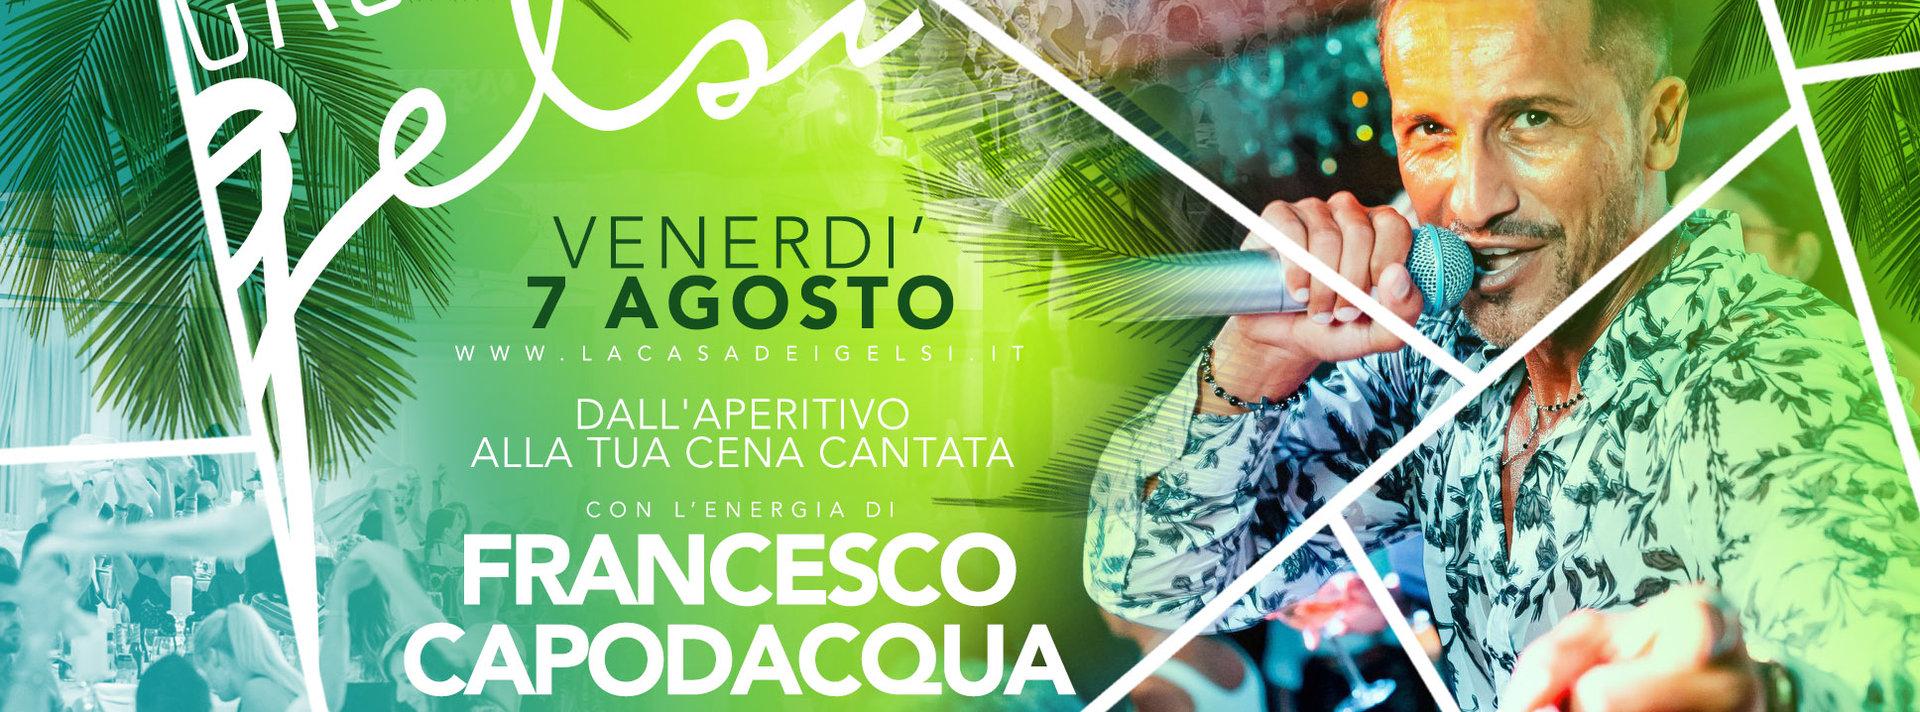 Capodacqua - 7 agosto 2020